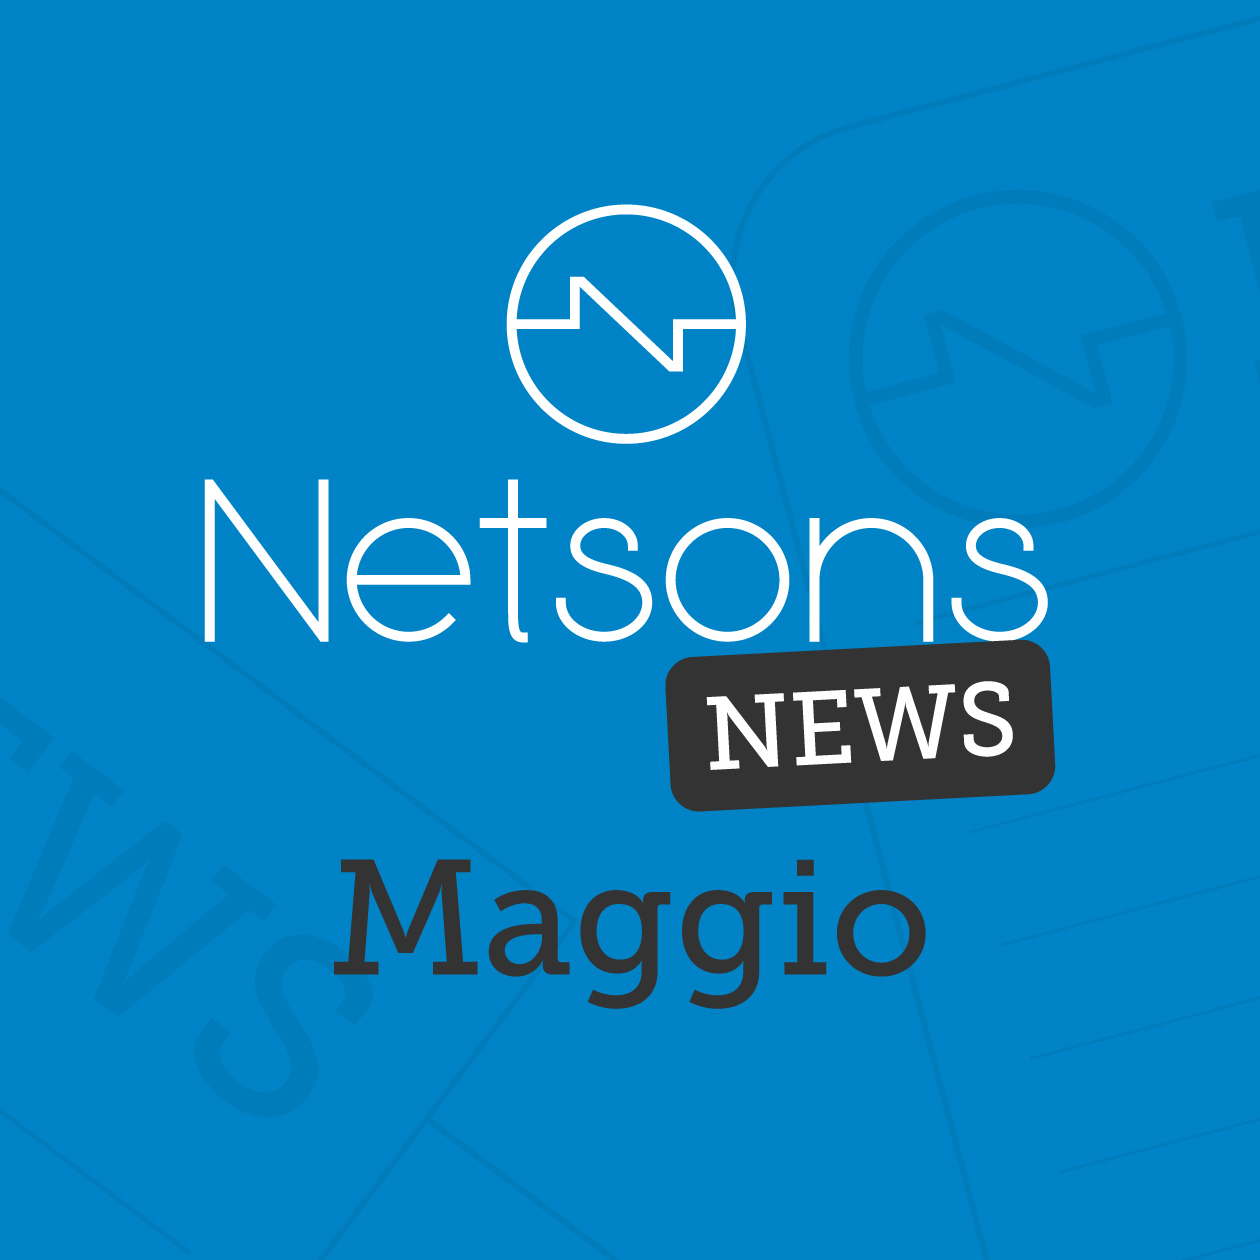 maggio news